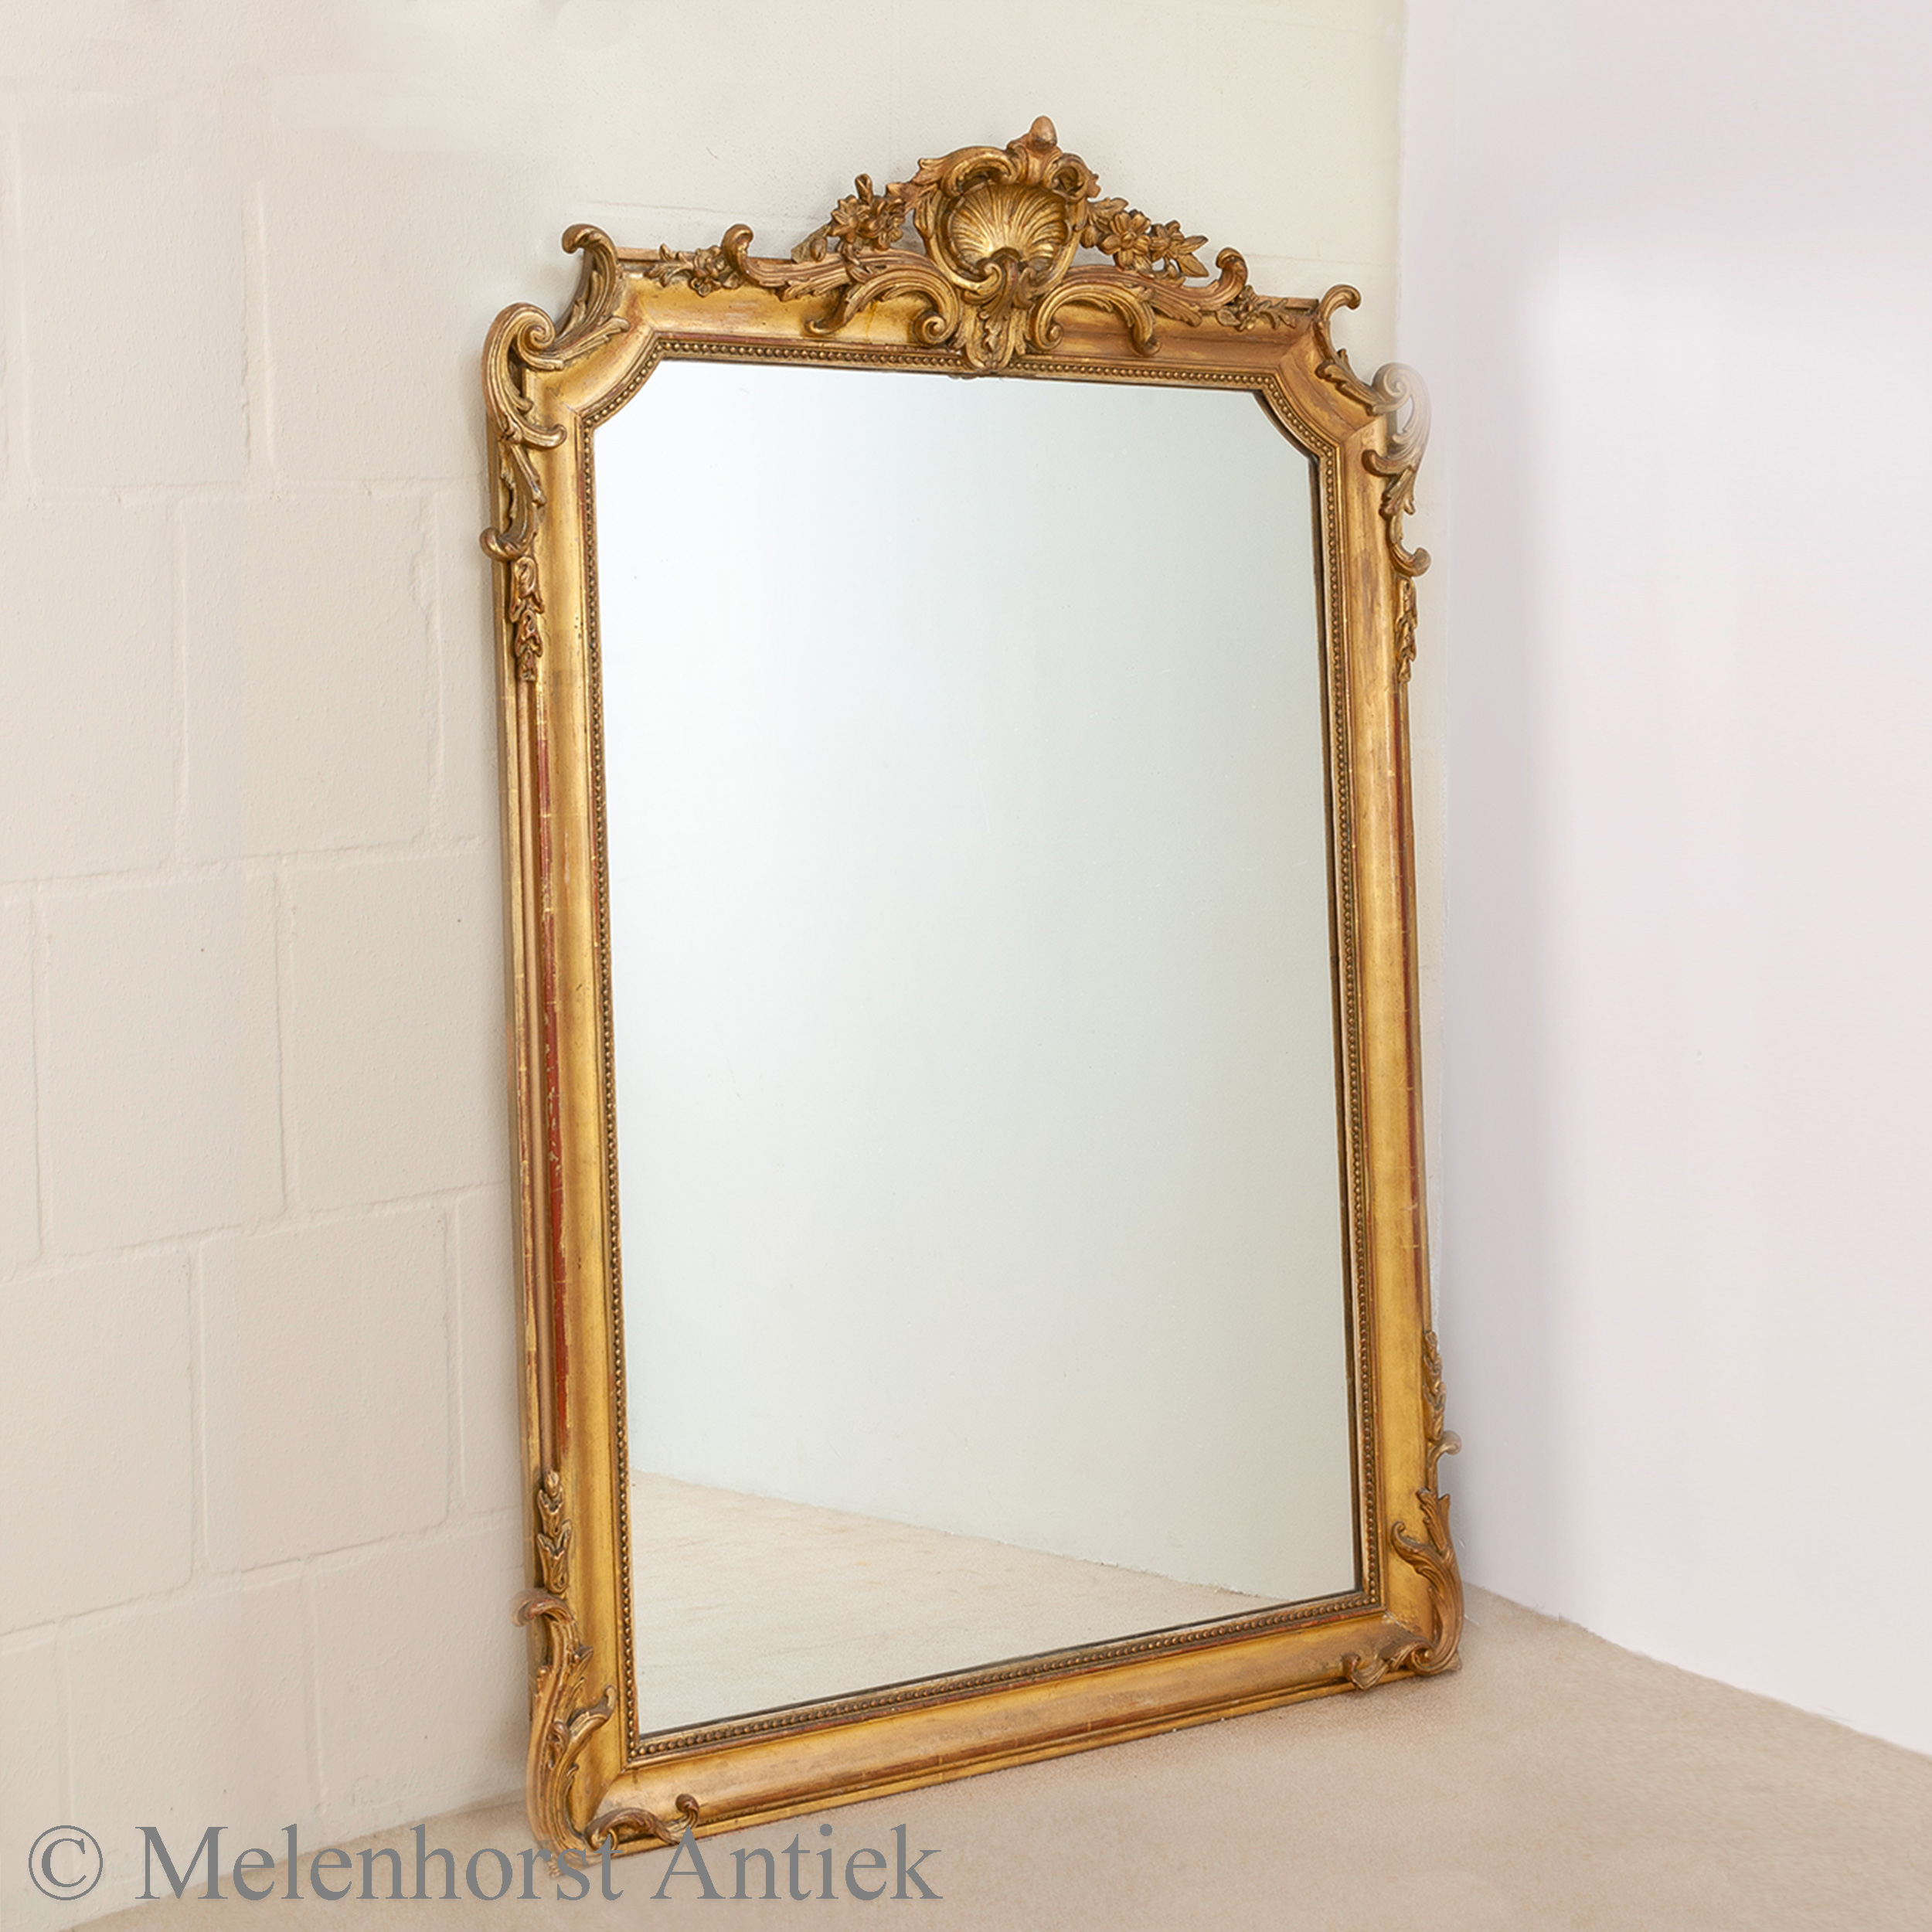 Antieke spiegel met vergulde houten lijst